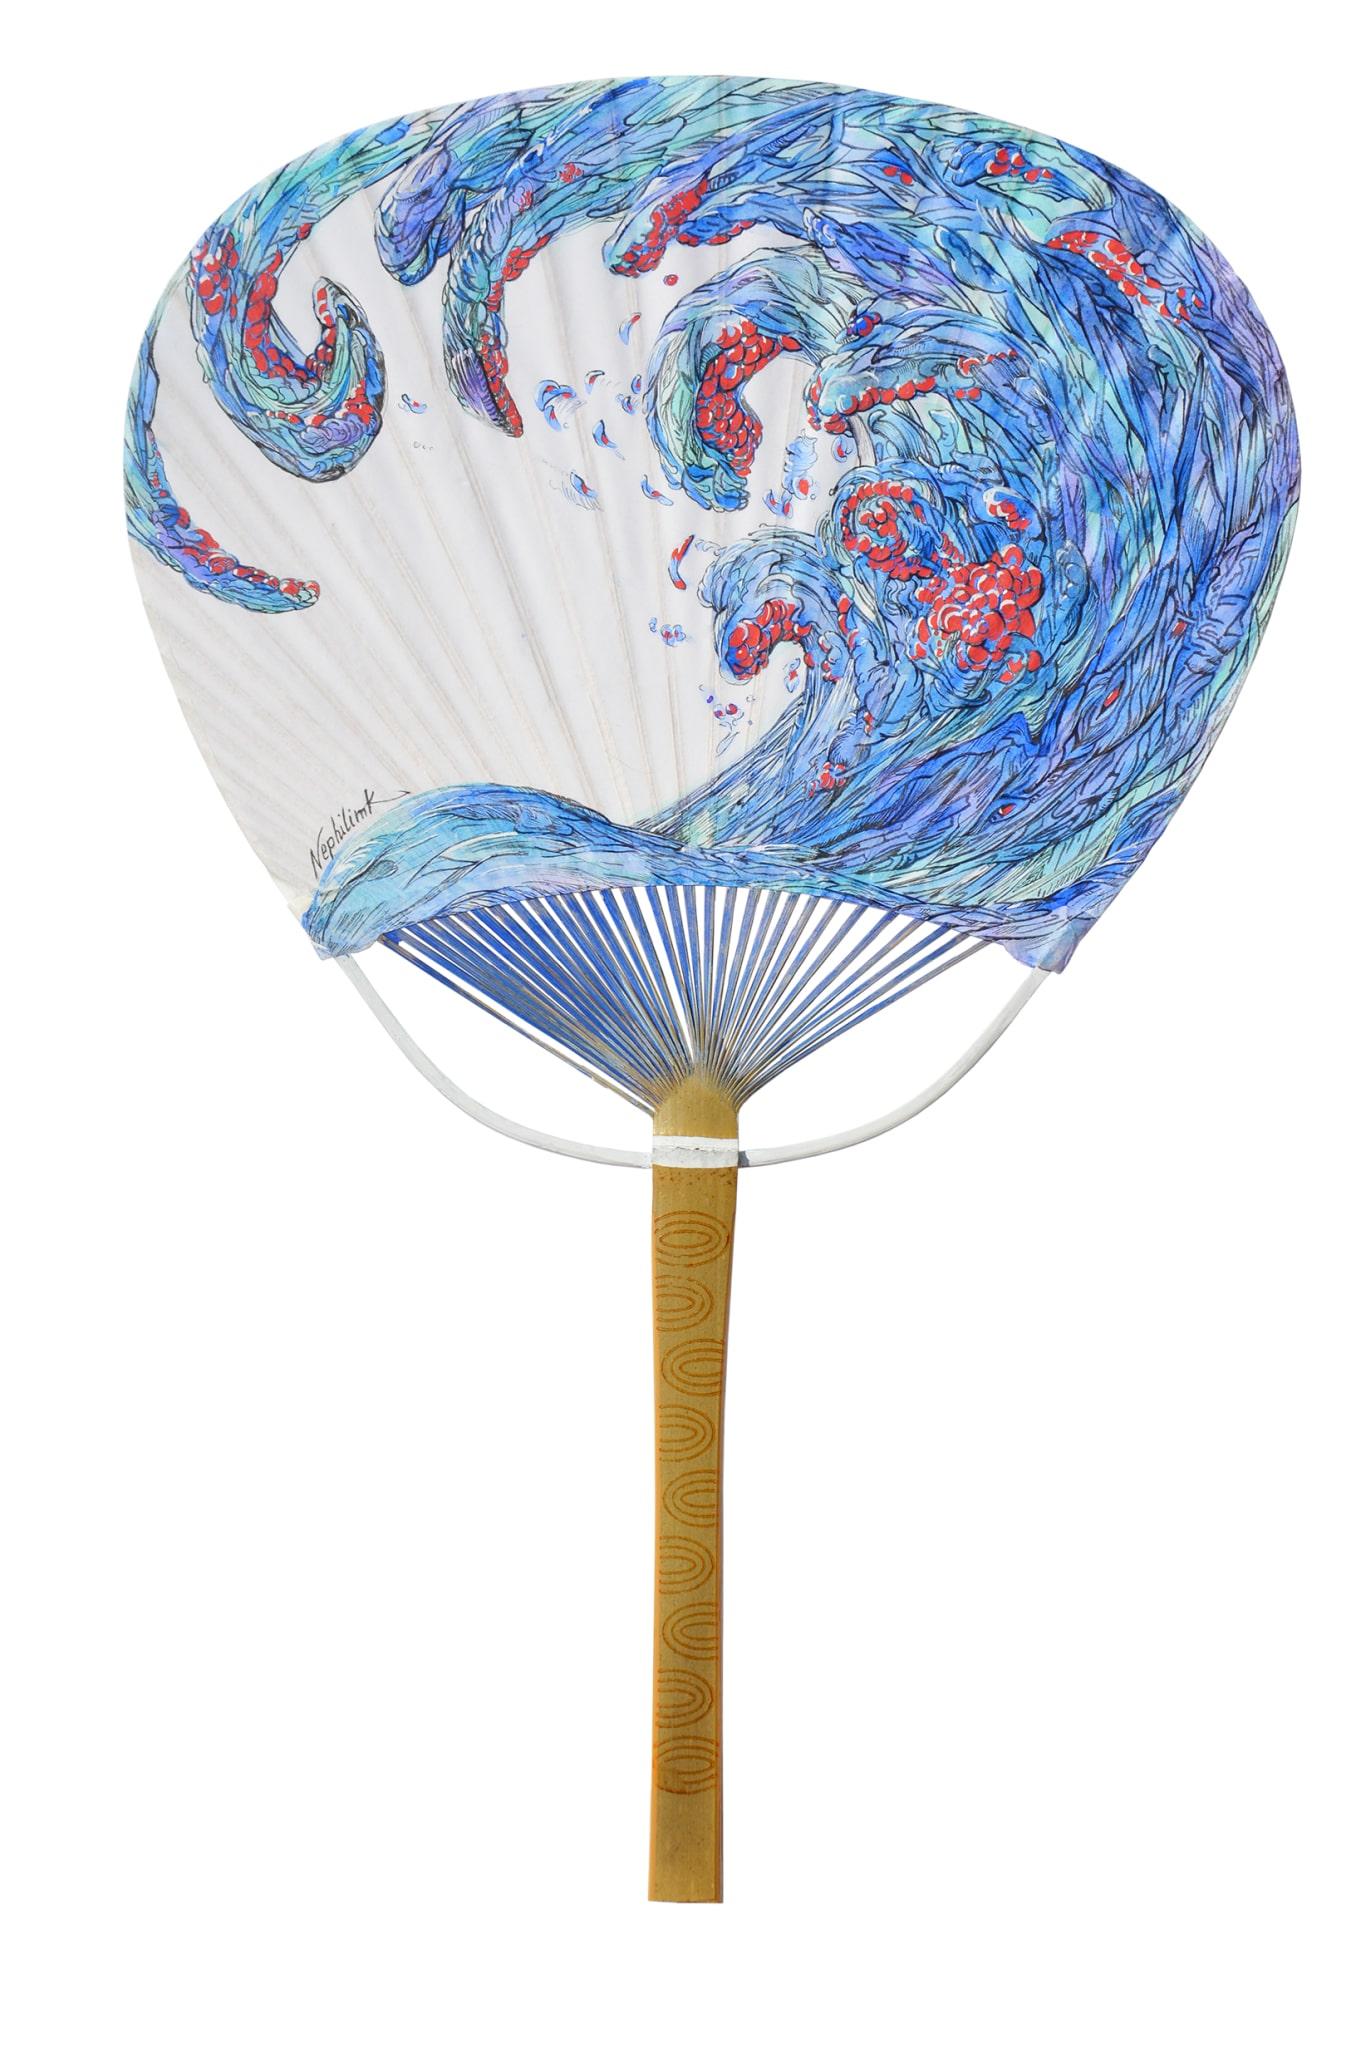 uchiwa peint par l'artiste Marie-Catherine Arrighi - vente caritative organisé par l'ong BLOOM -reference à La Vague d'Hokusai